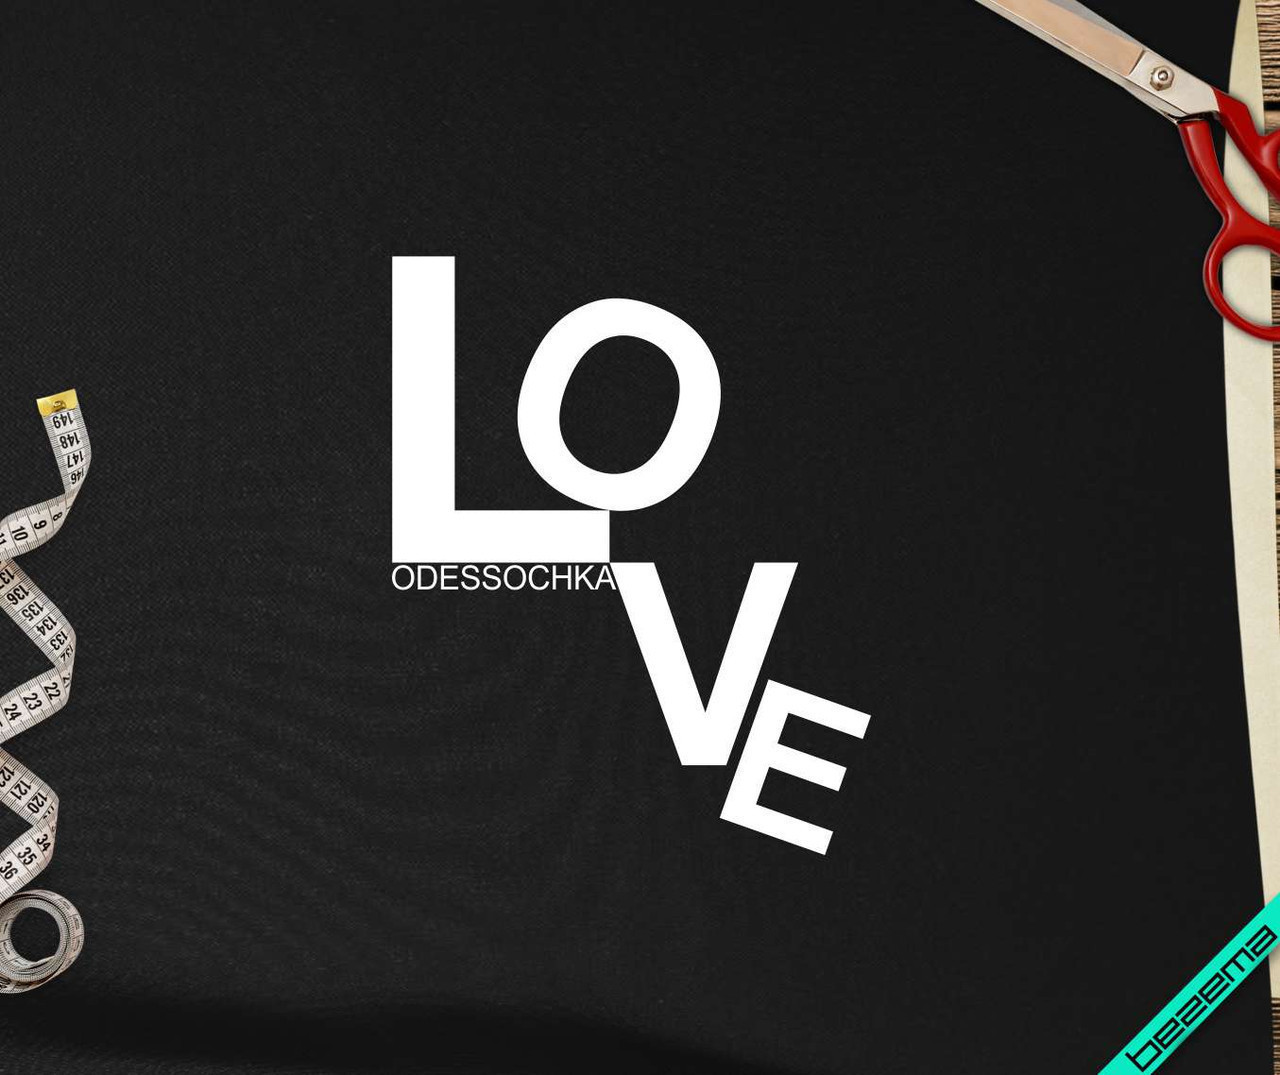 Аплпикации, латки на велюр Love одессочка [7 розмірів в асортименті] (Тип матеріалу Матовий)